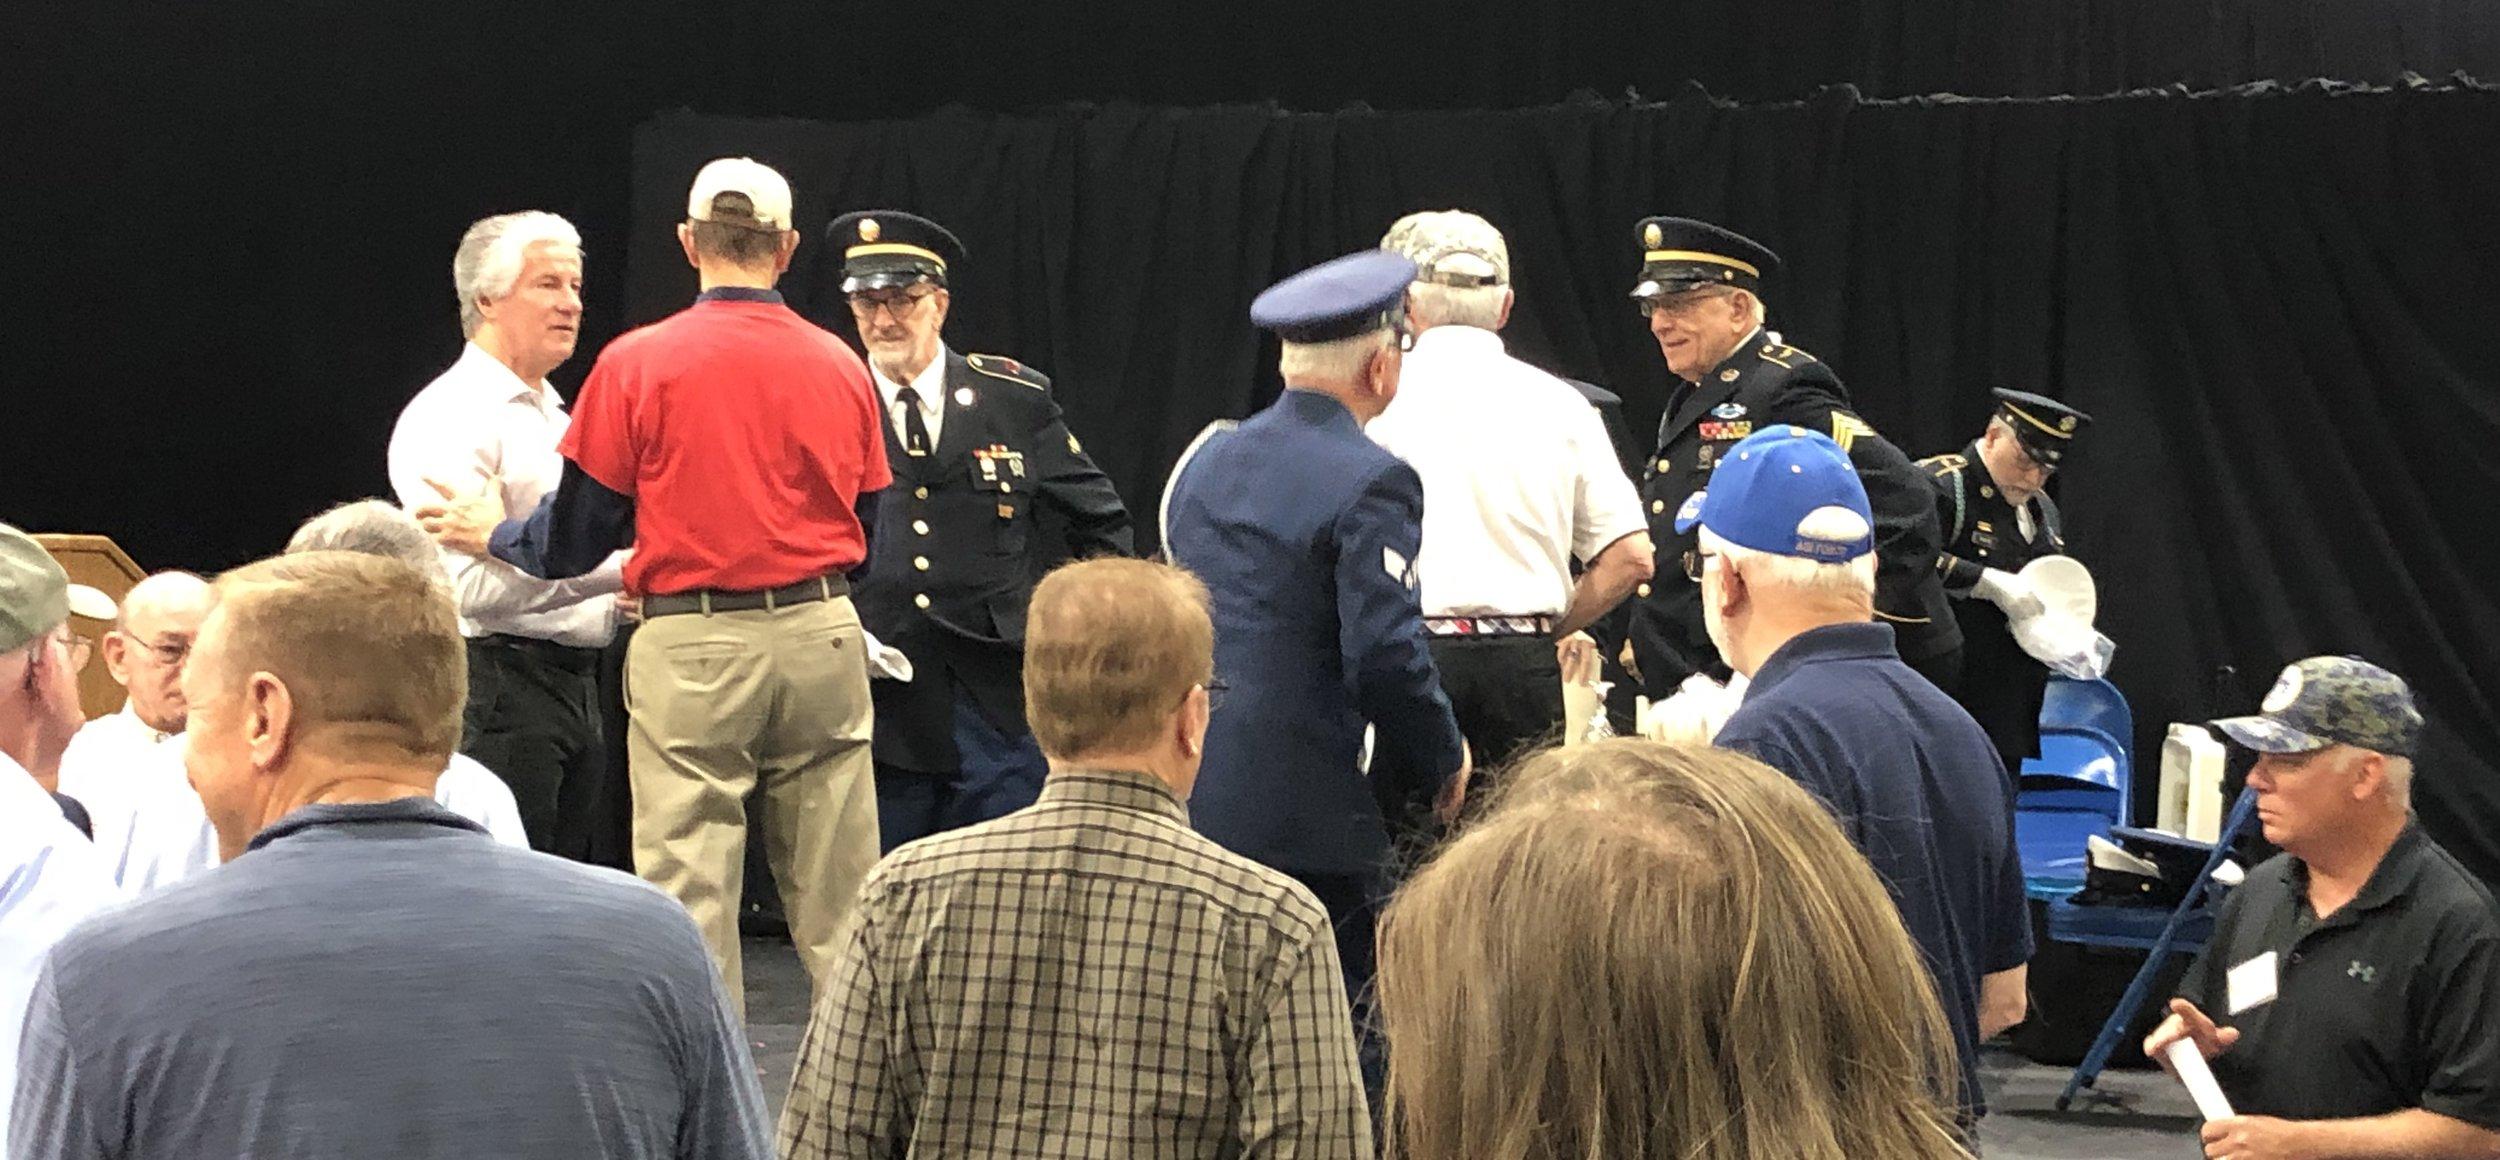 veterans23.jpg